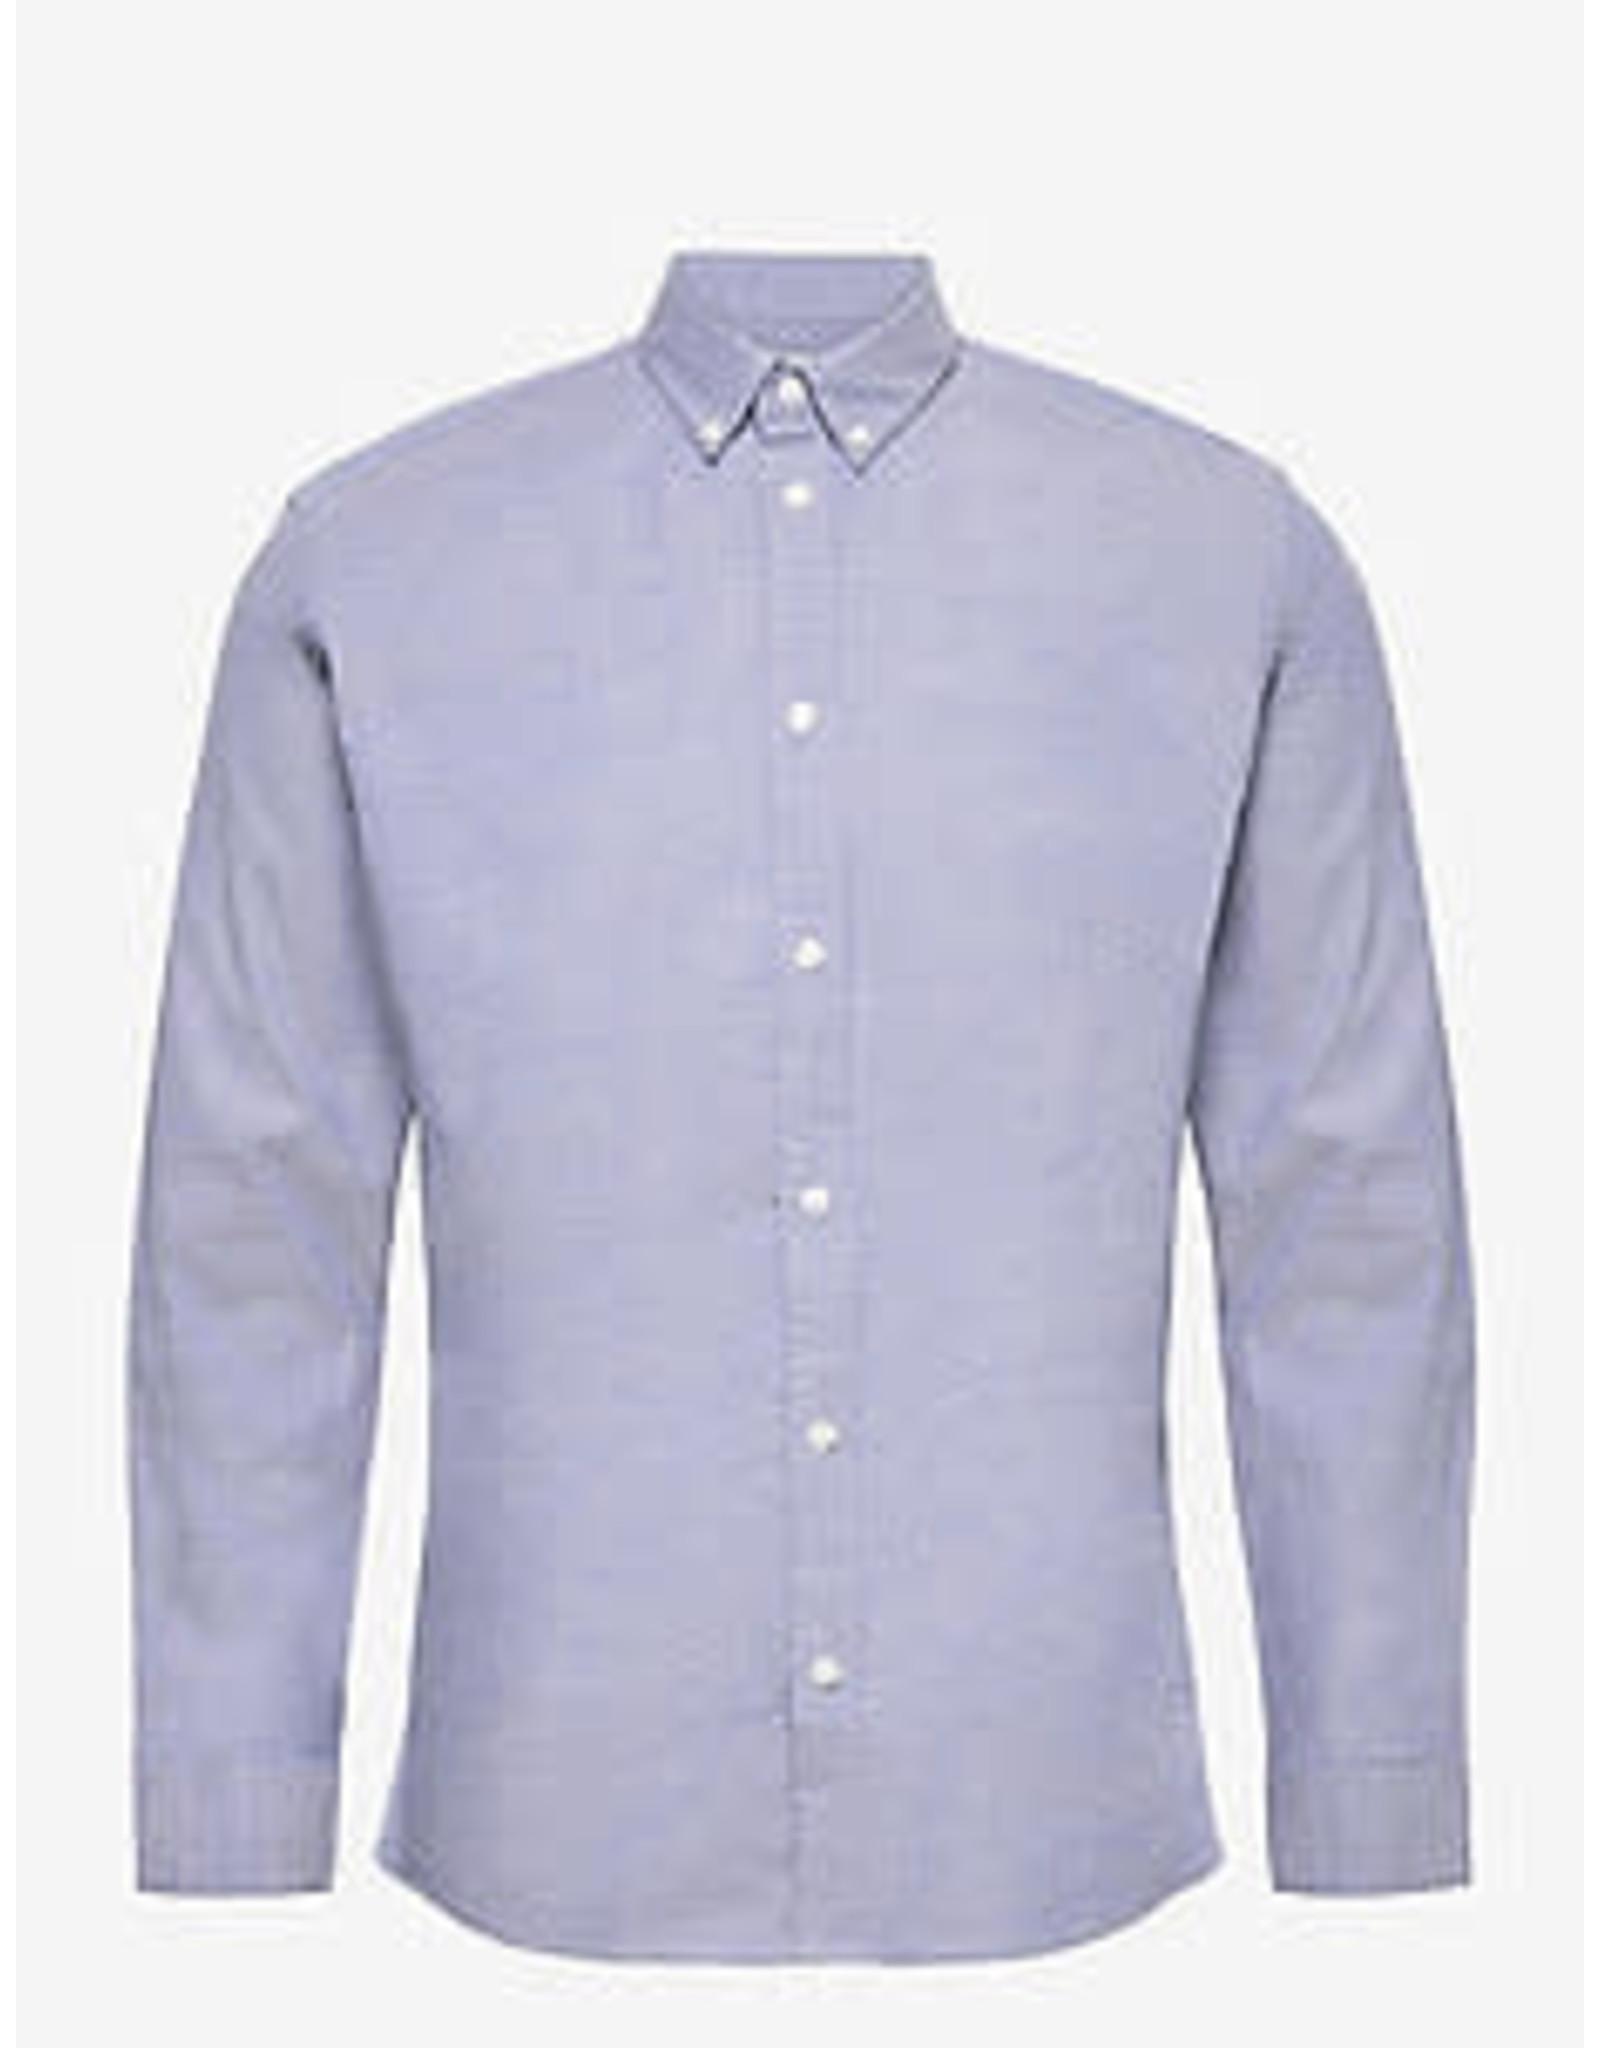 Minimum Walther Shirt